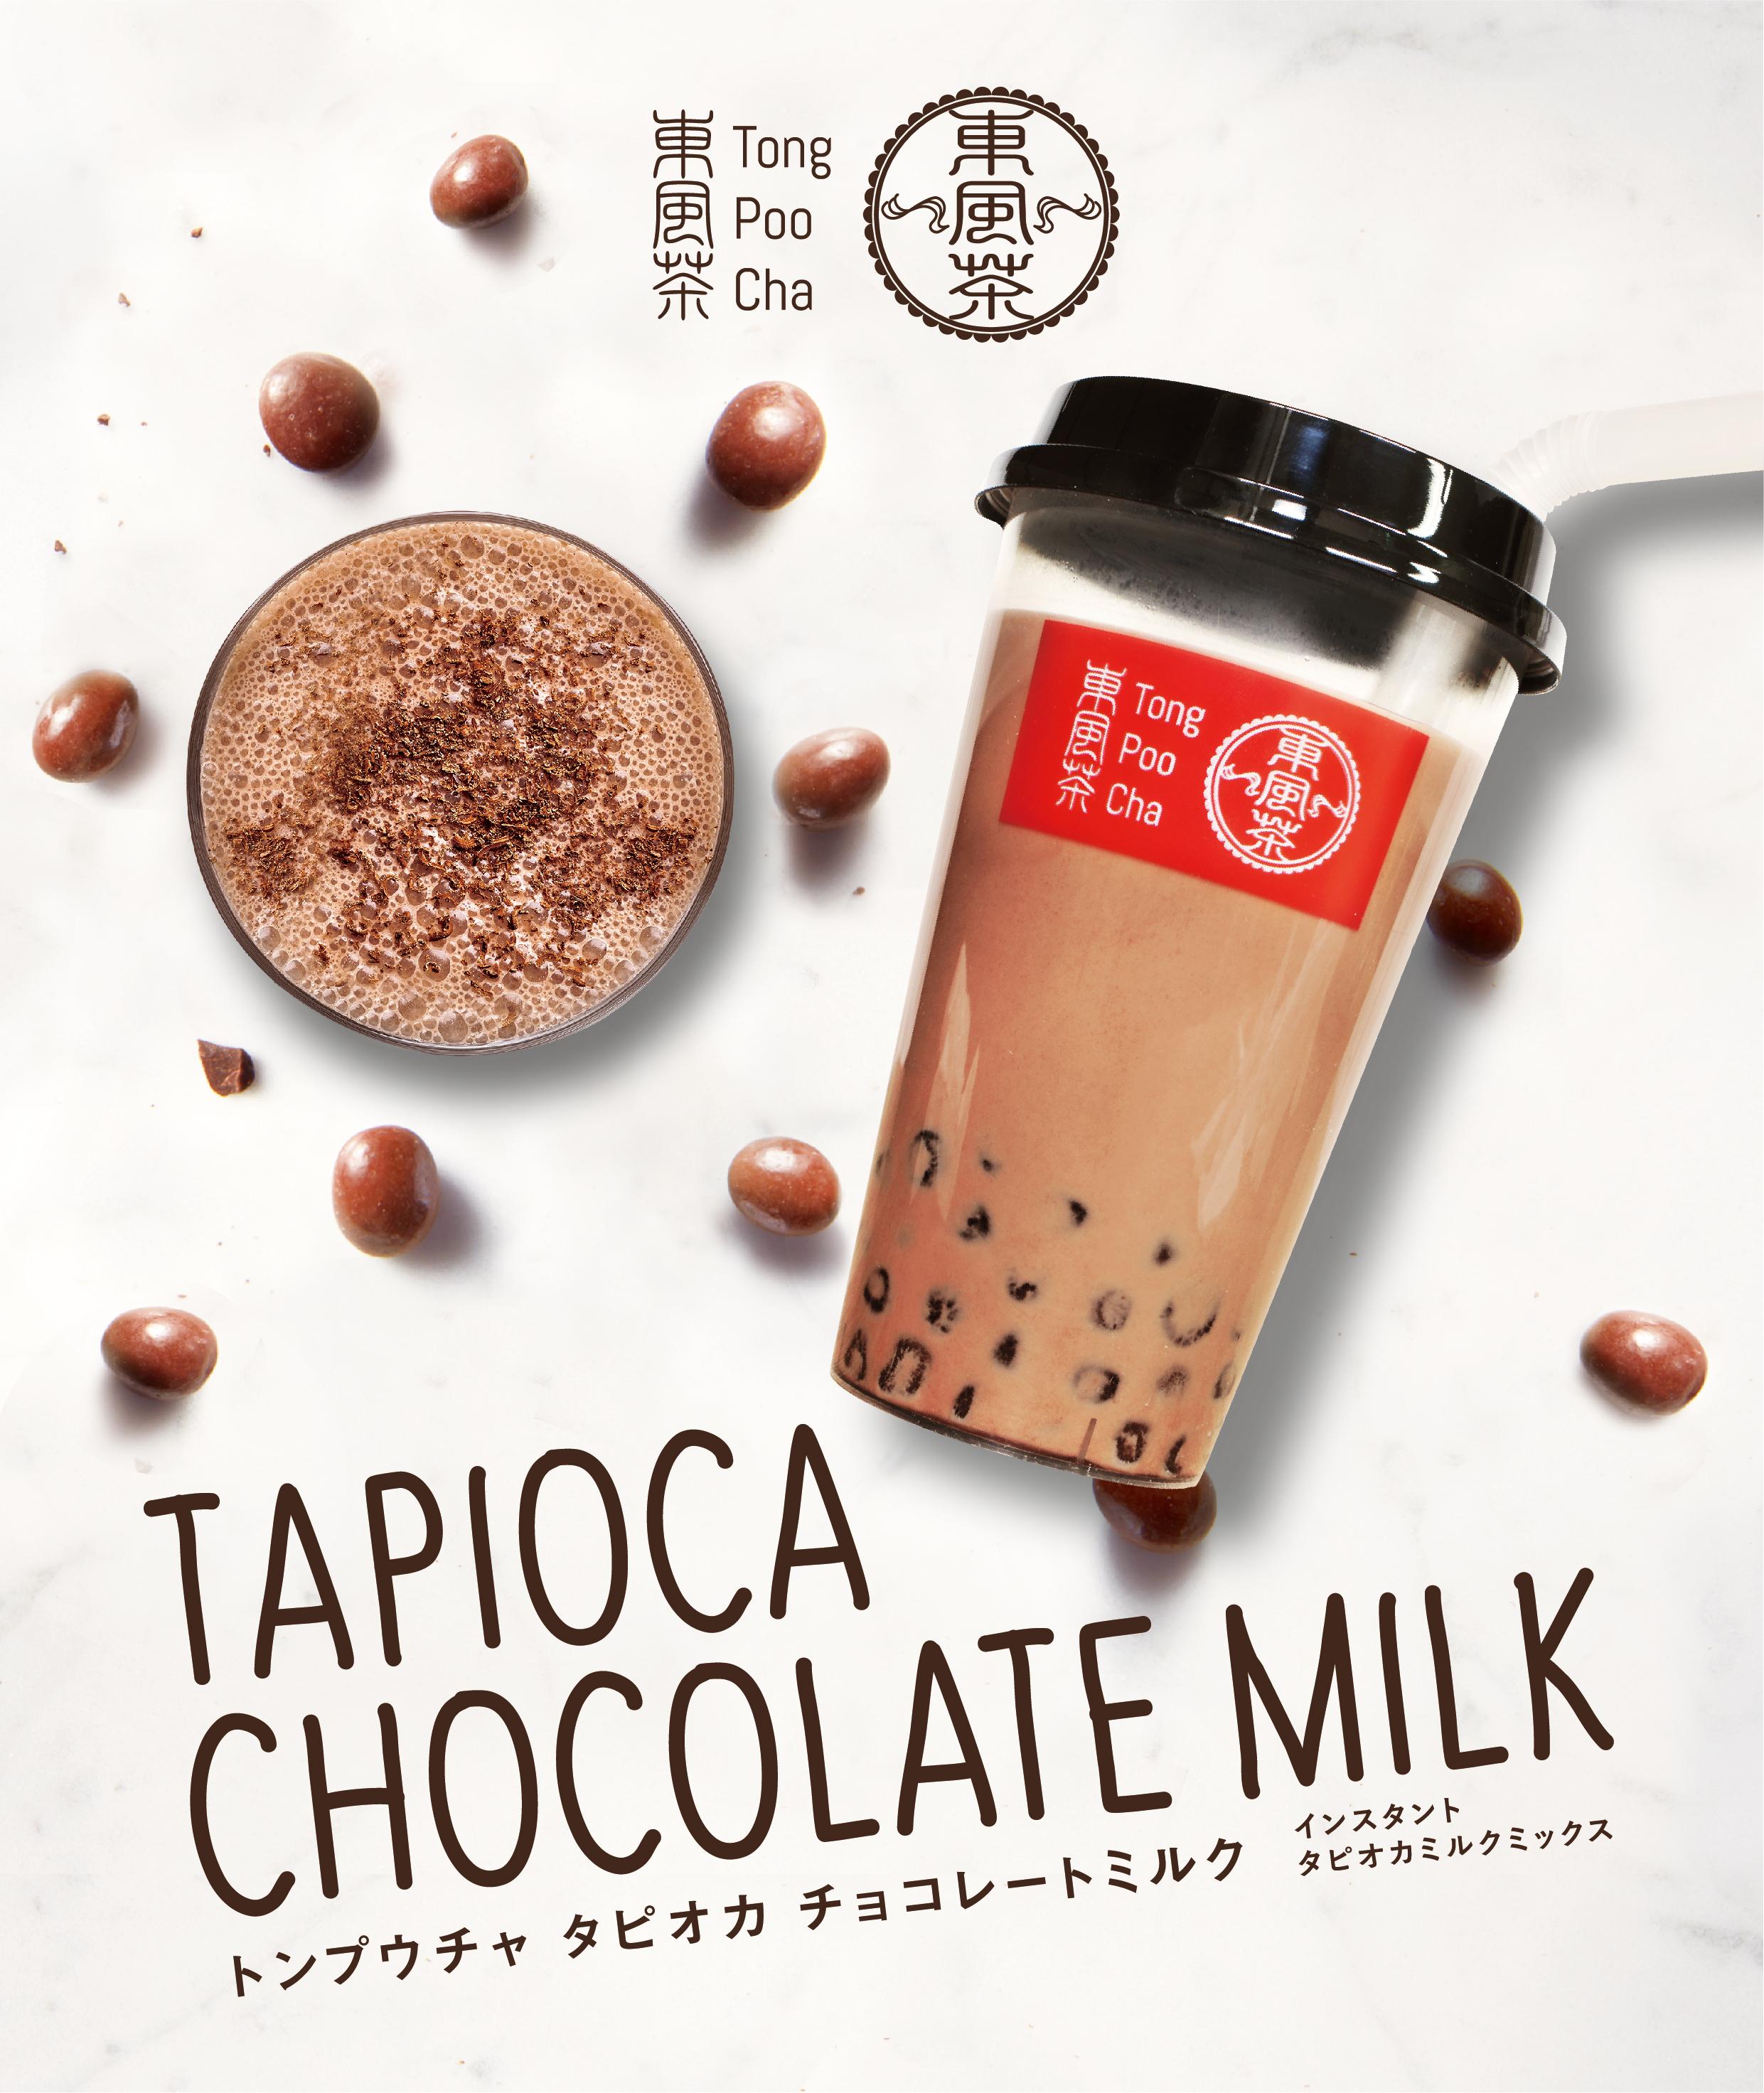 お家で本格タピオカ!「東風茶」シリーズから『タピオカチョコレートミルク』が季節限定発売🌿💕